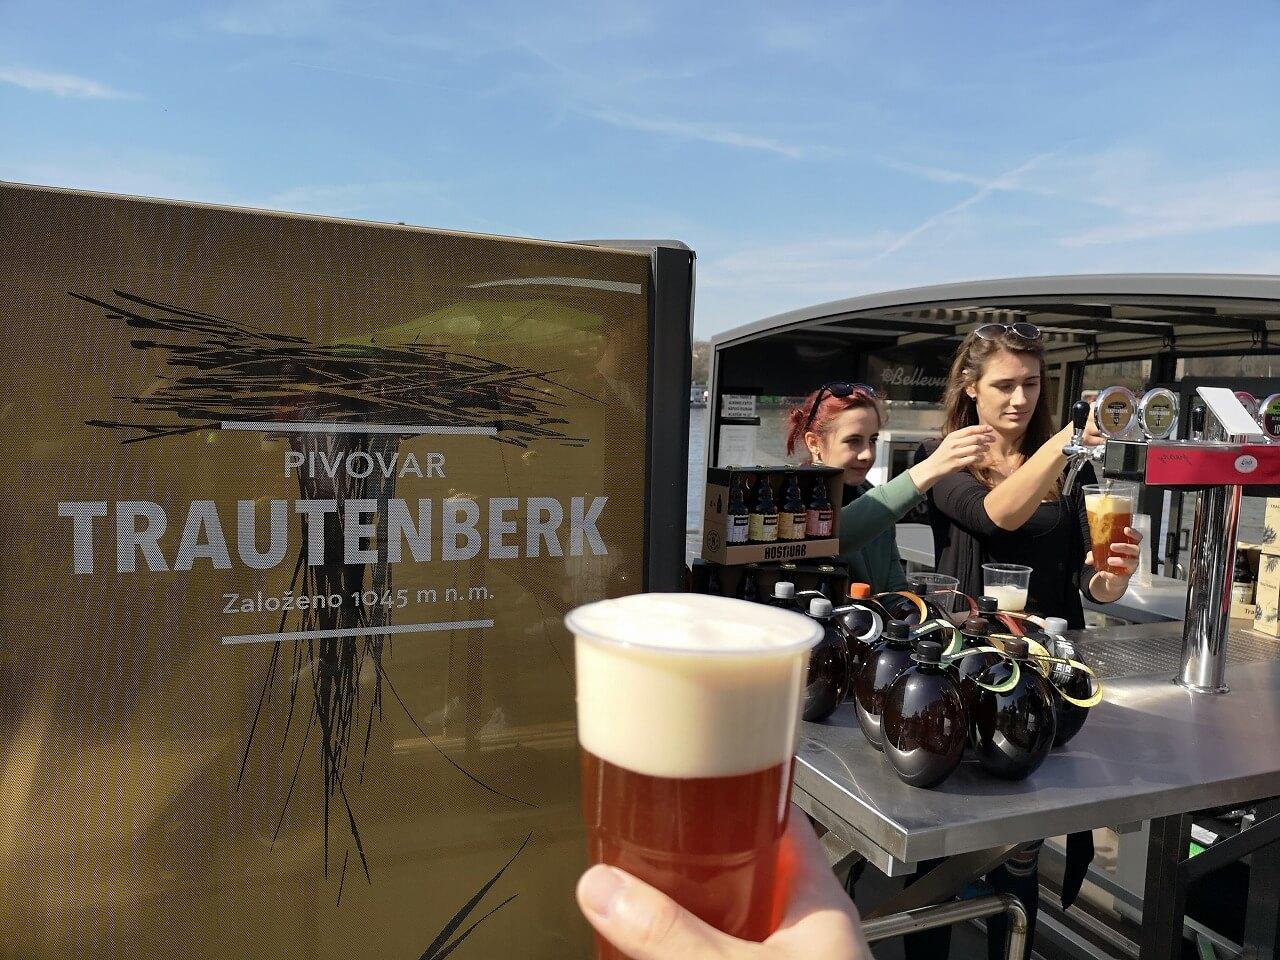 ボートから販売されているビール